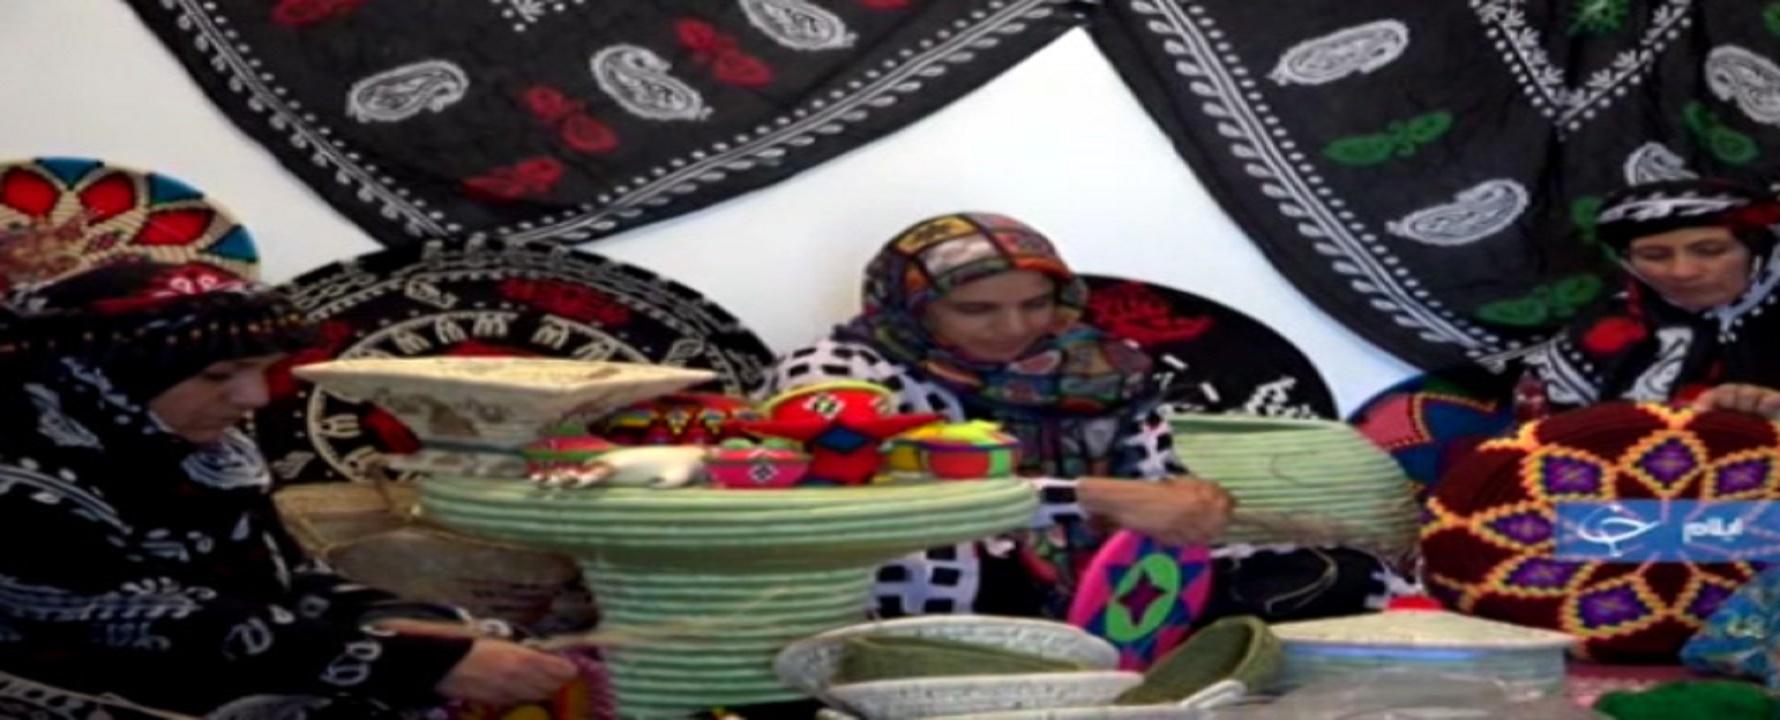 اشتغالزایی برای ۲۳۰ زن روستایی توسط یک زن کارآفرین تا کشت آلوئه ورا توسط یک جوان گنابادی + فیلم